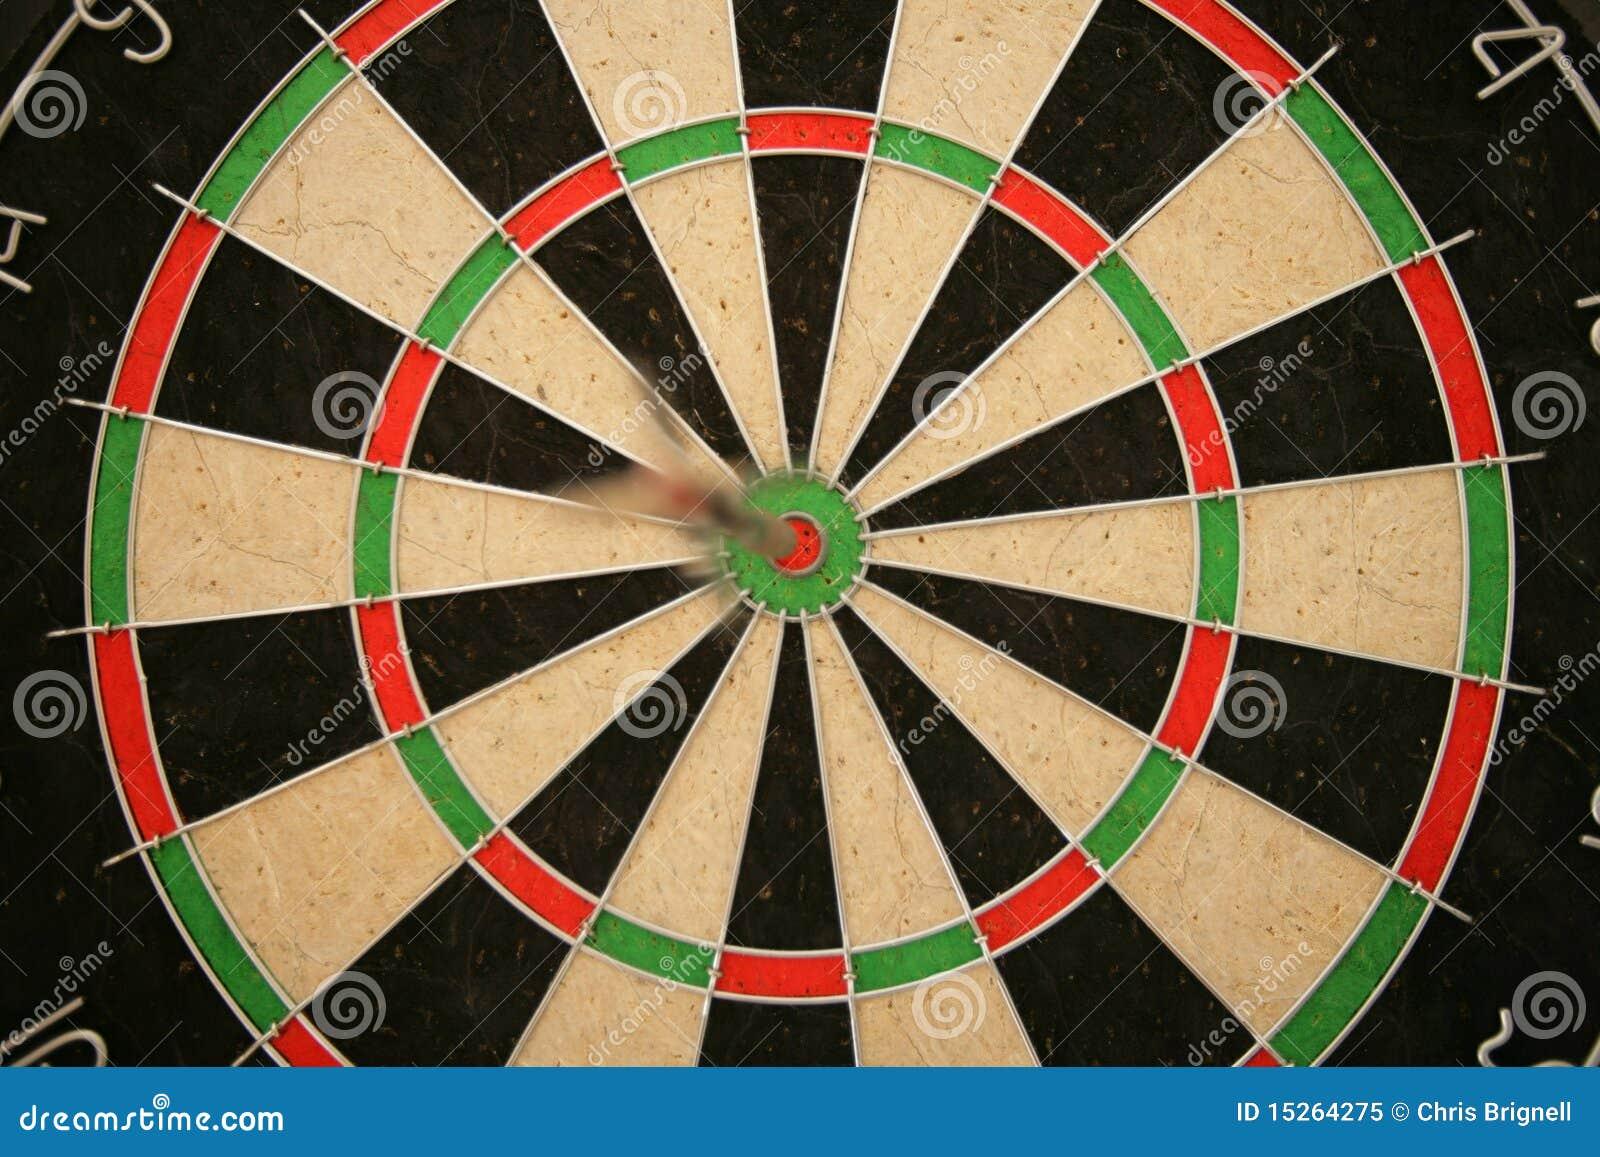 Darters Darts Bullseye